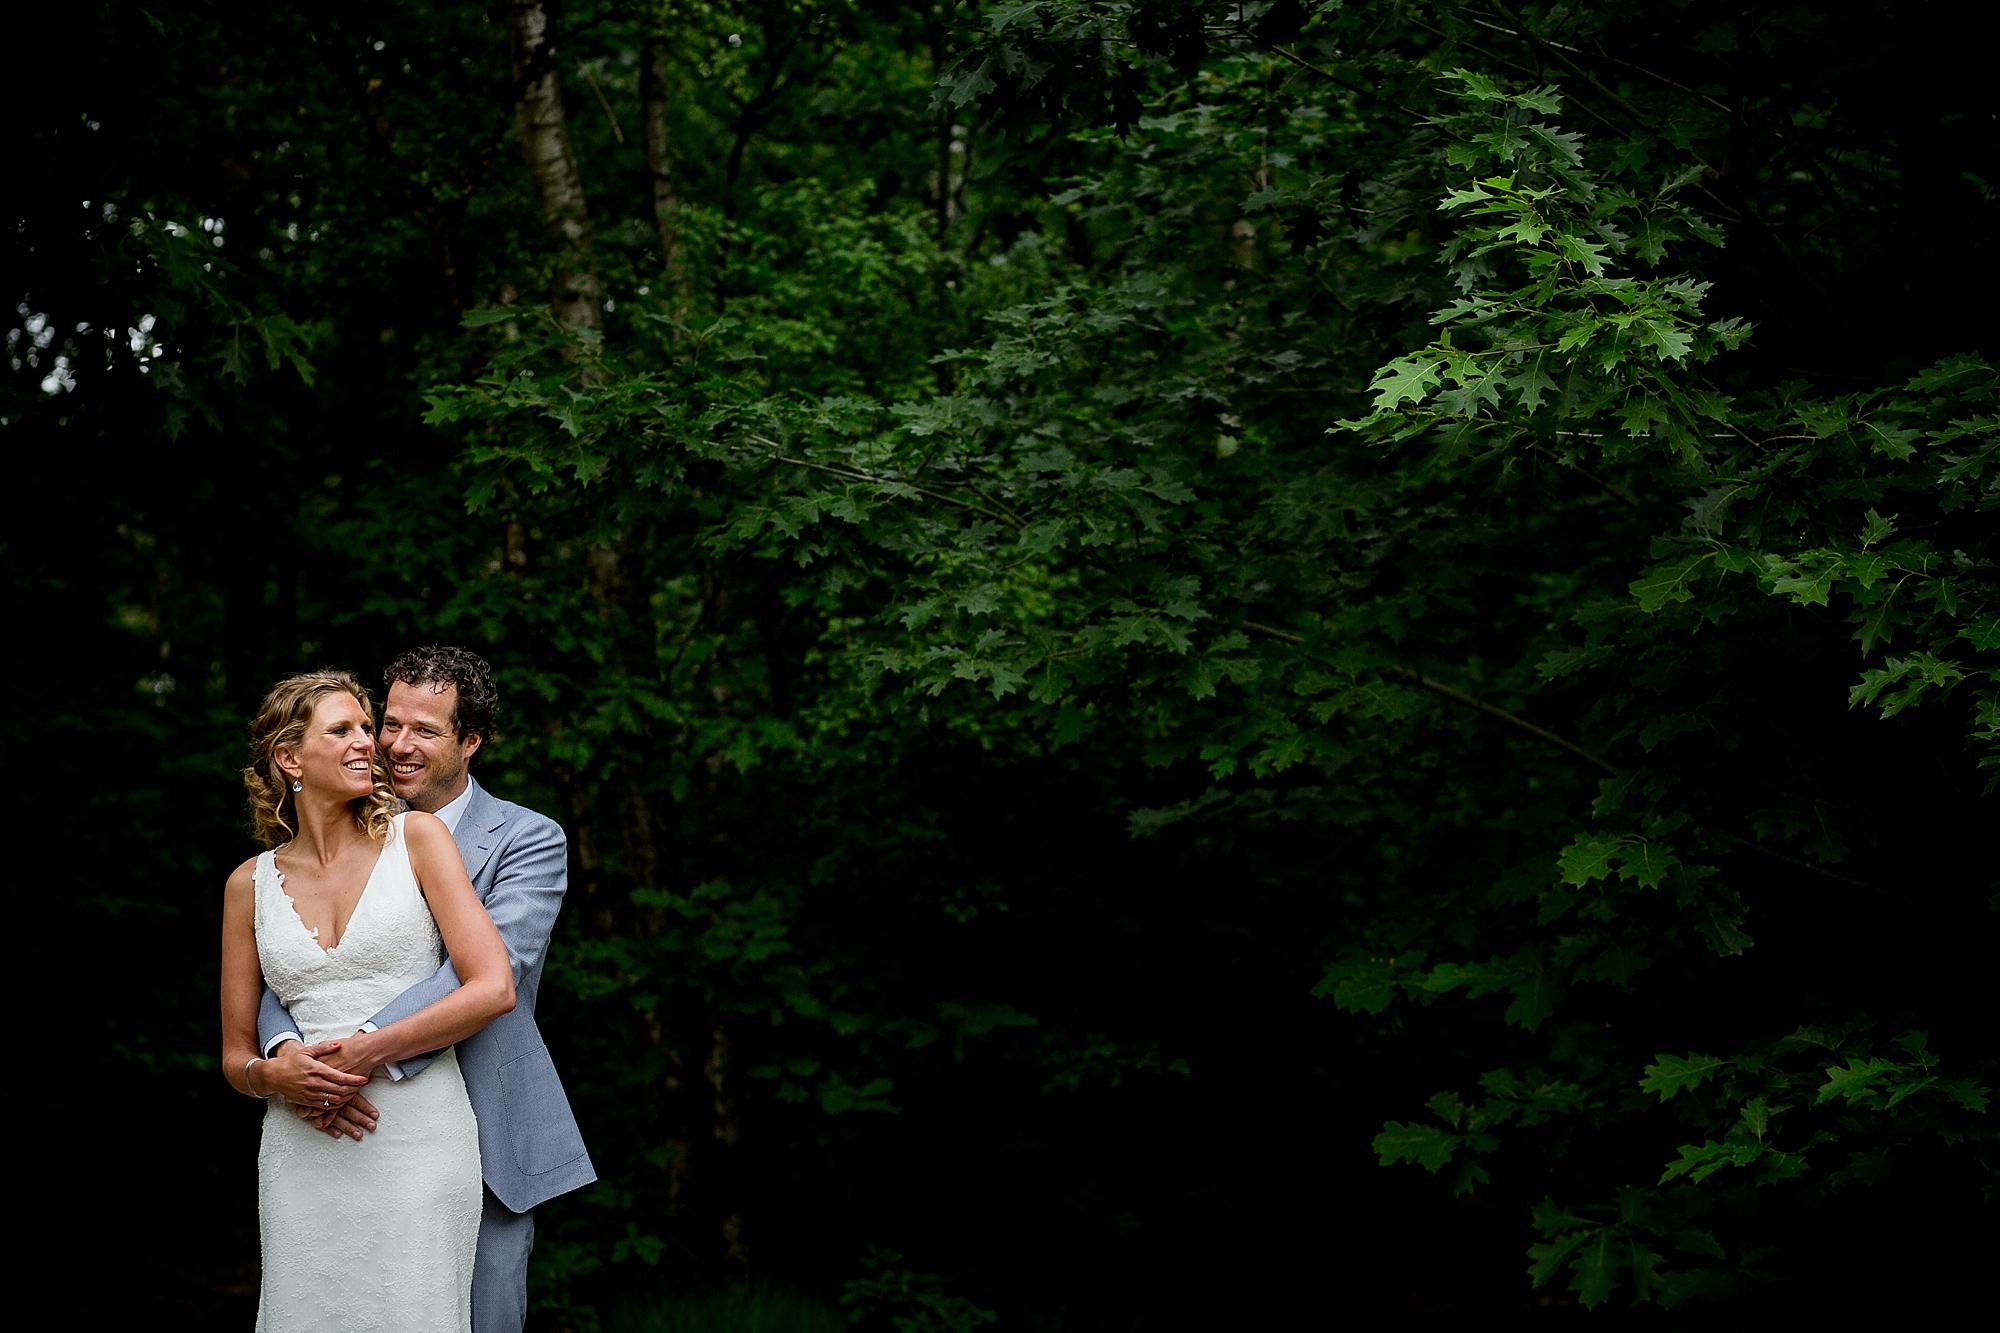 bruidsfotograaf-brabant-trouwen-in-het-bos-festivalbruiloft-vught-haaren_0081.jpg